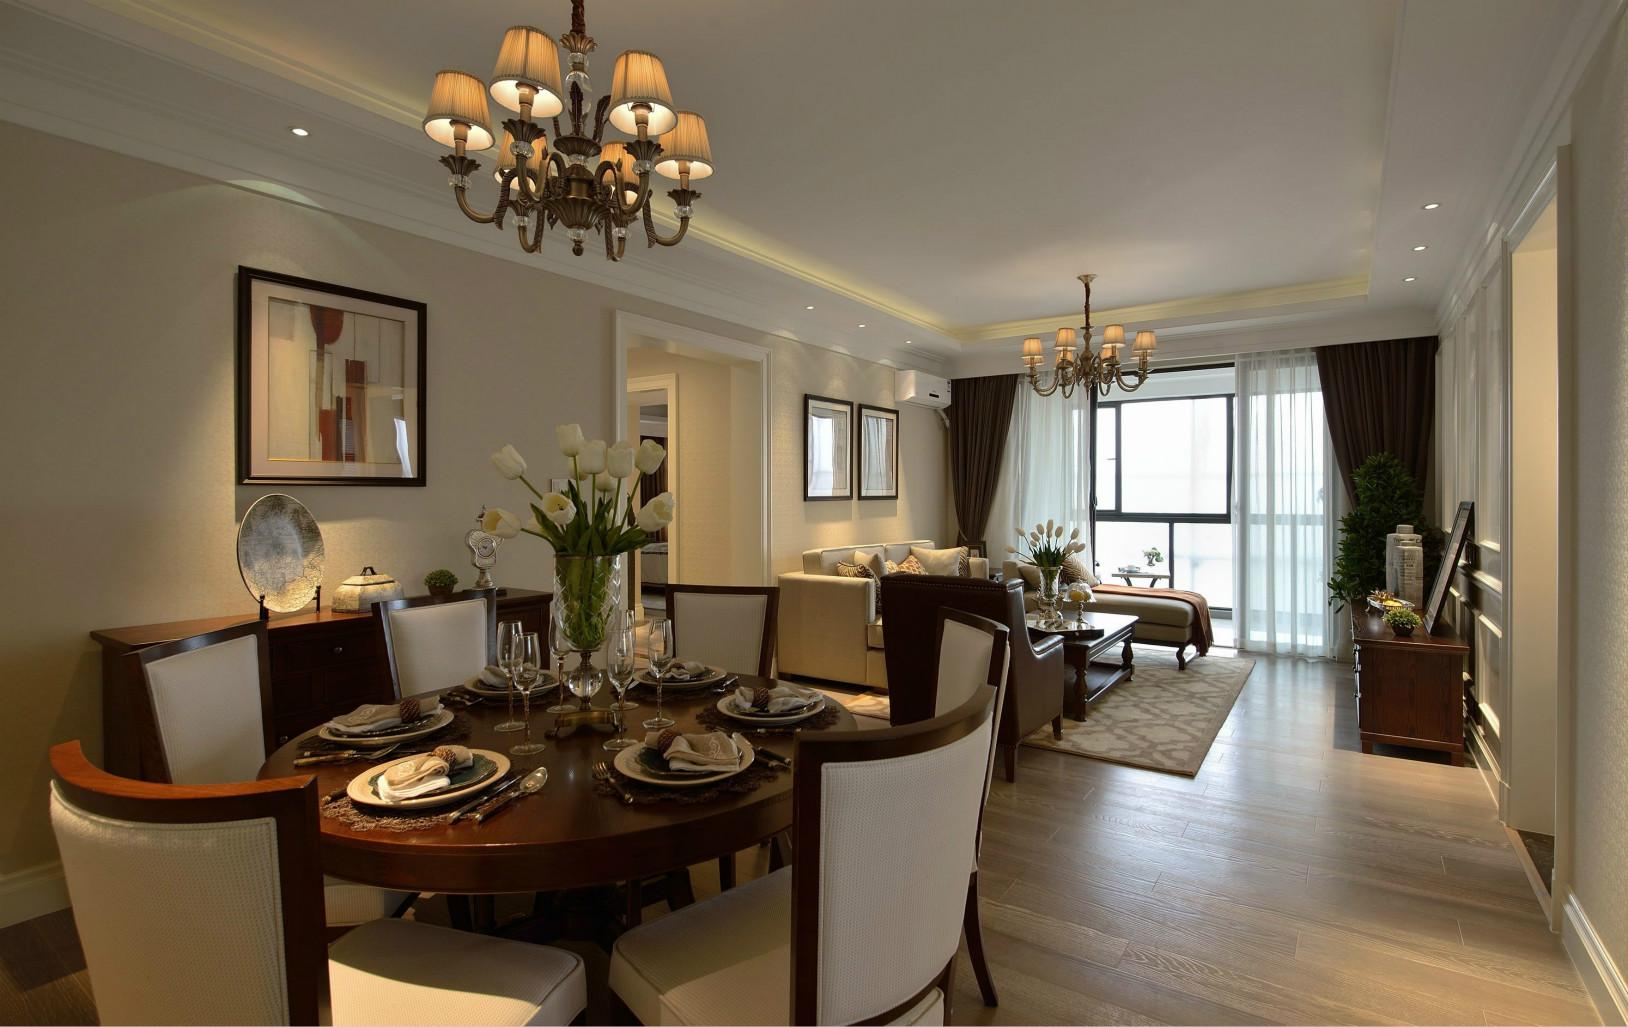 餐厅开放式的显得整体空间很大,得益于南北通透的户型,使得室内光线和通风都极佳